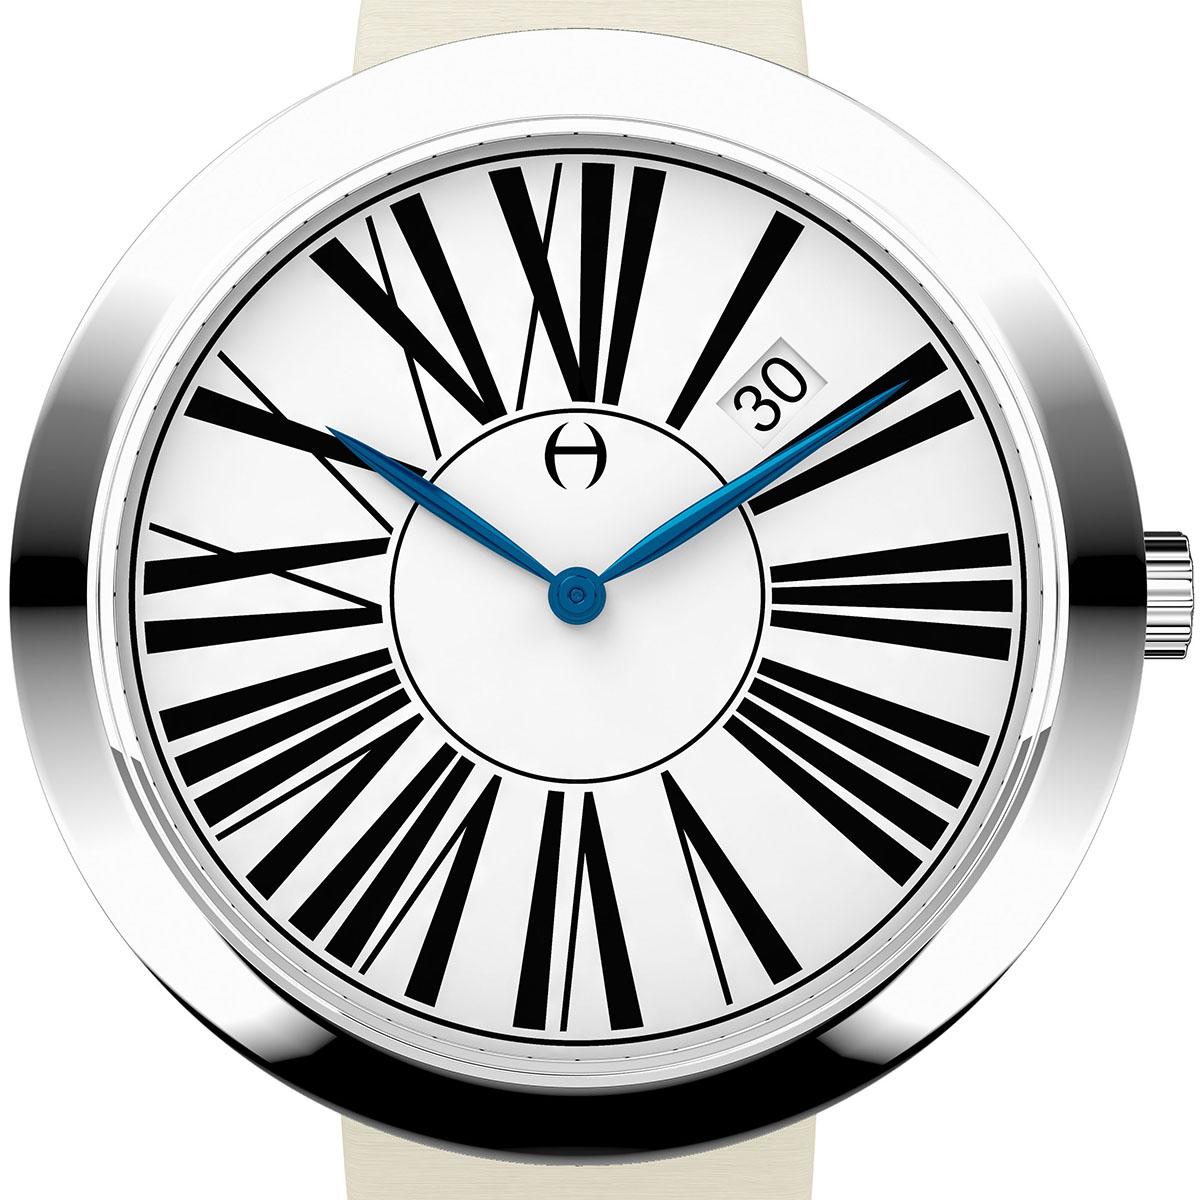 【残り1点】Oliver Hemming オリバーヘミング クォーツ 腕時計 イギリス アート デザイン [WT35S53WIS] 正規代理店品 純正ケース メーカー保証